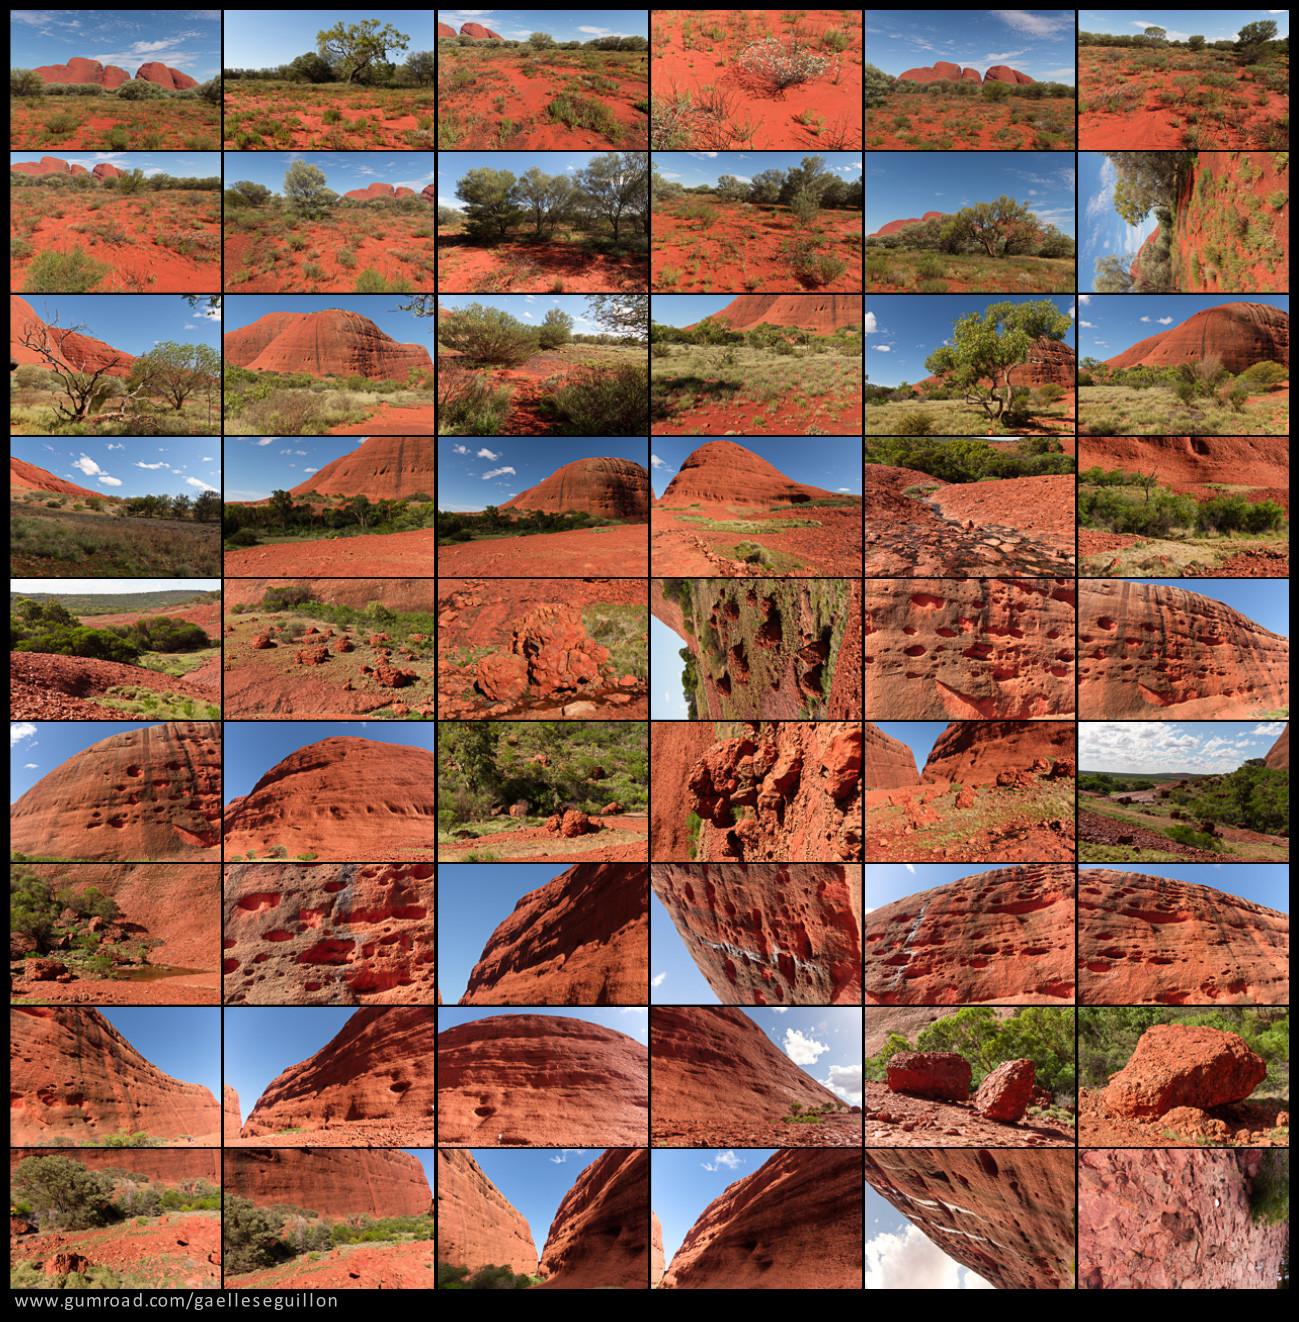 Australian desert preview 1